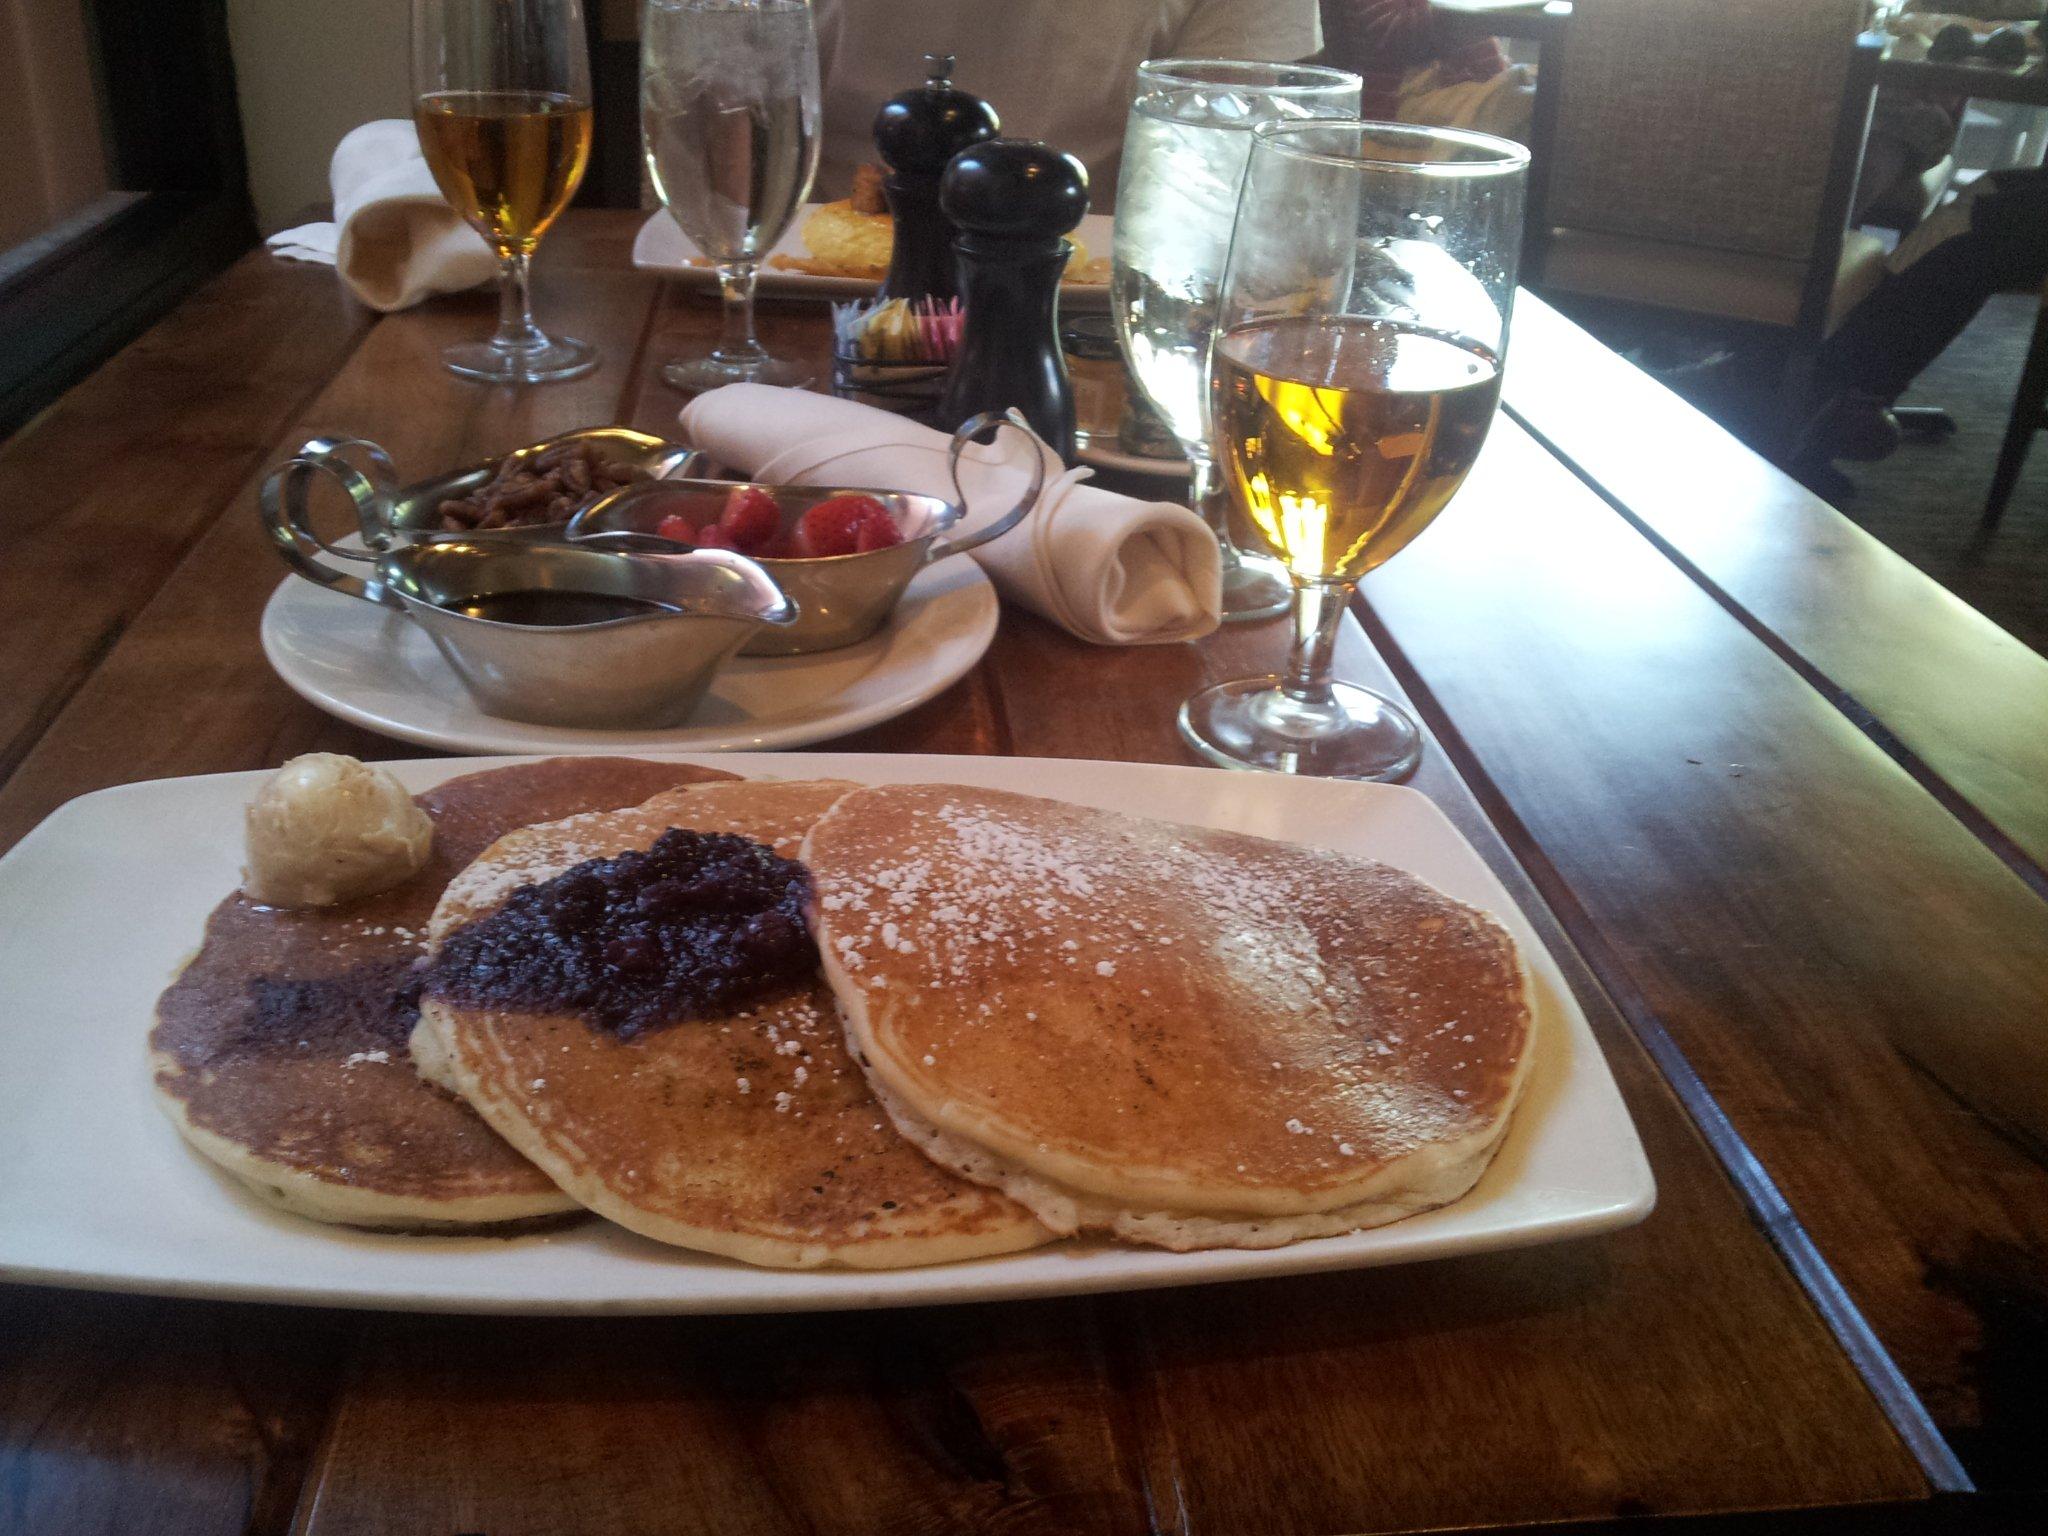 Sheraton Horse Pass Spa and Resort